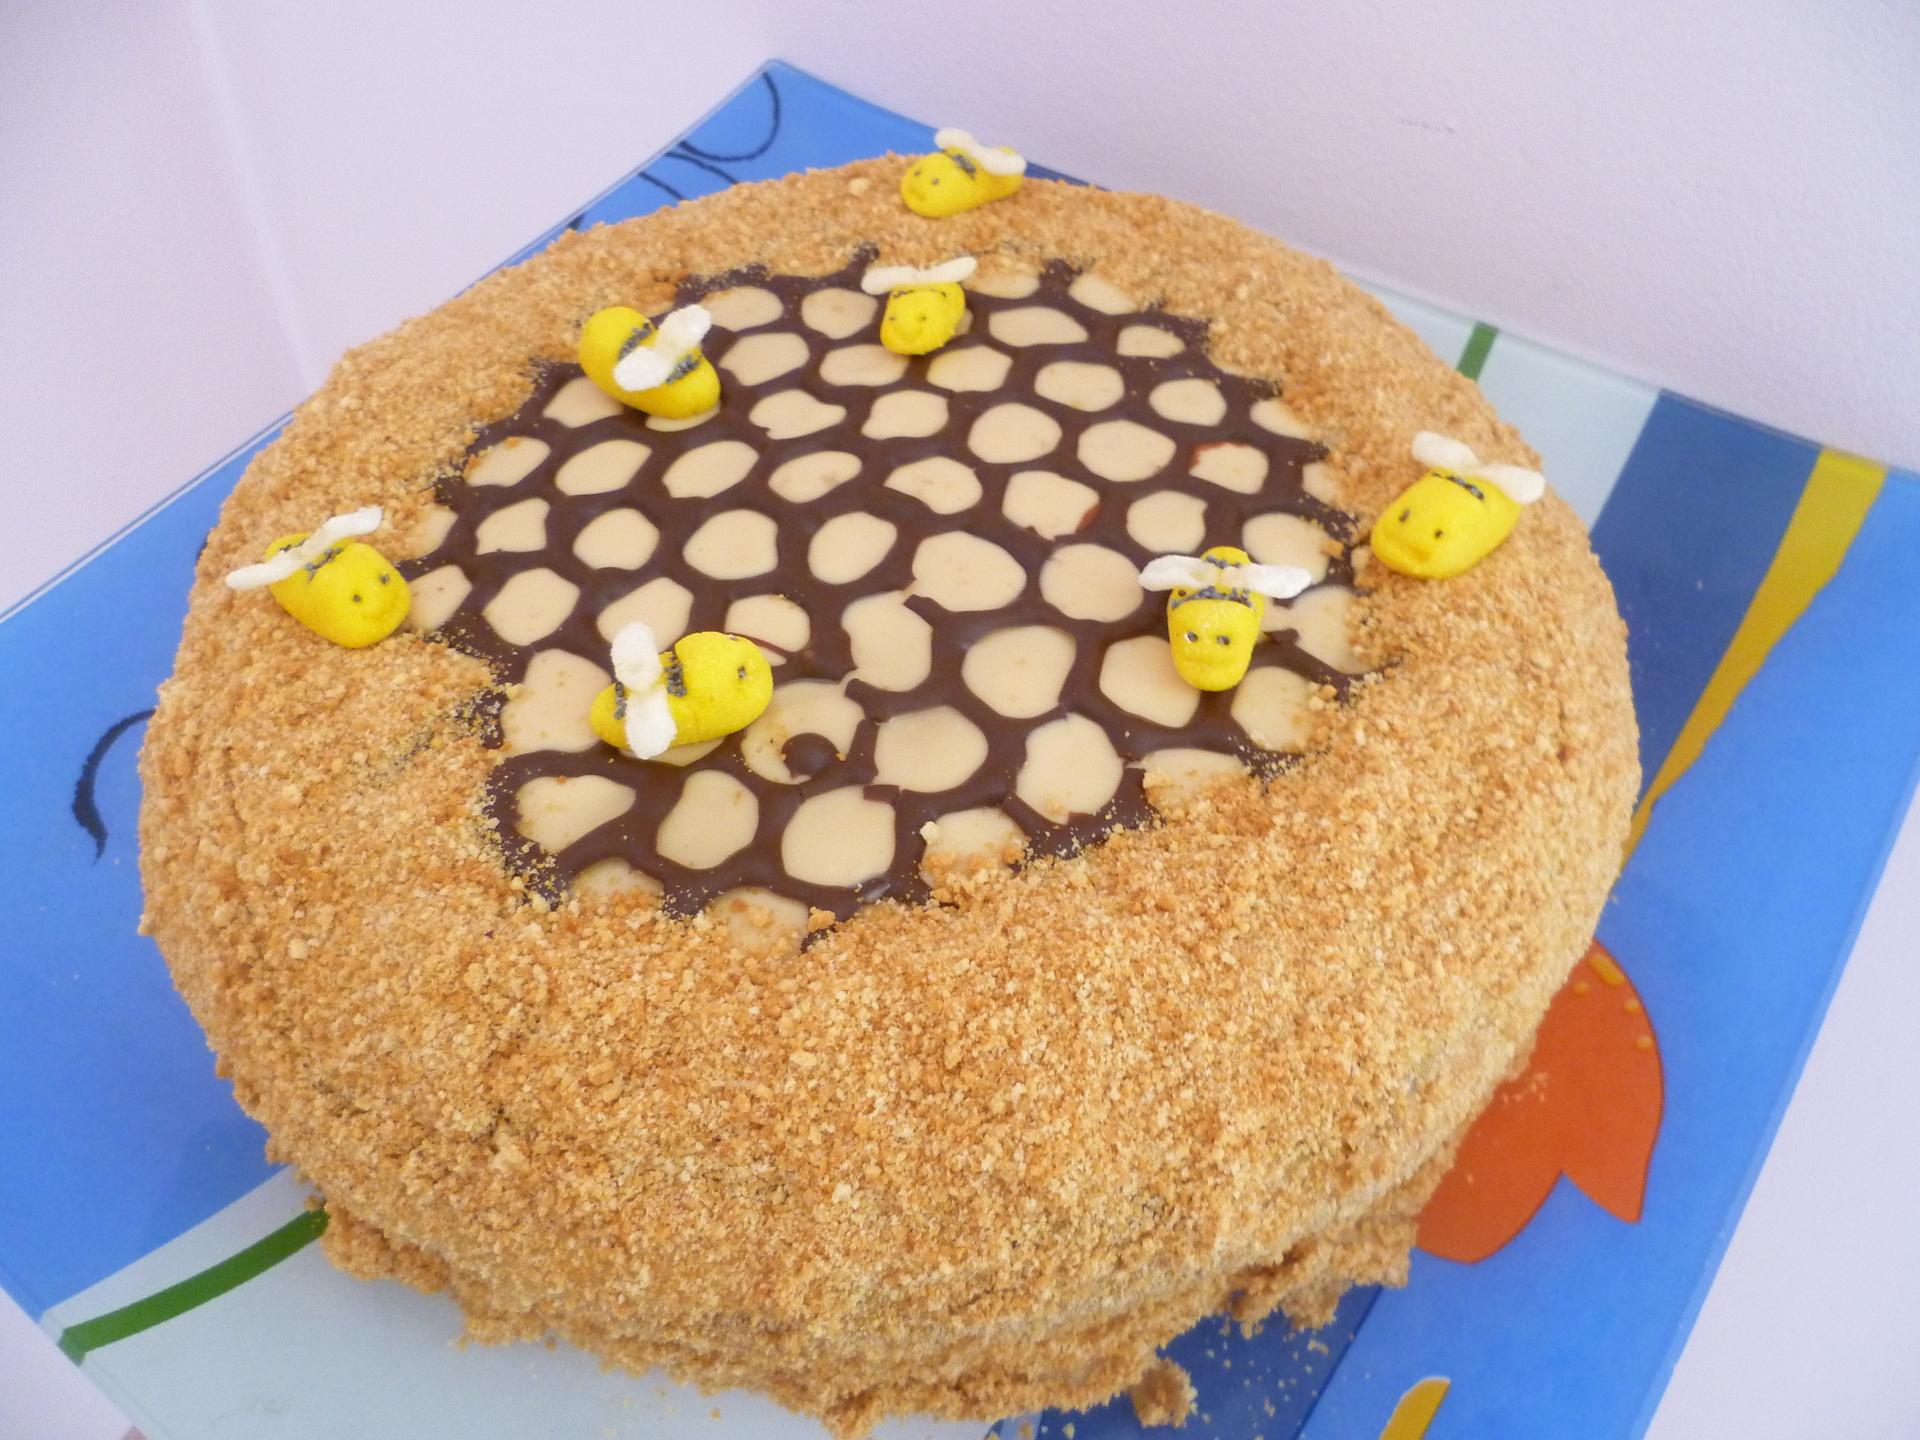 создал как оформляется торт пошаговый рецепт с фото типичный